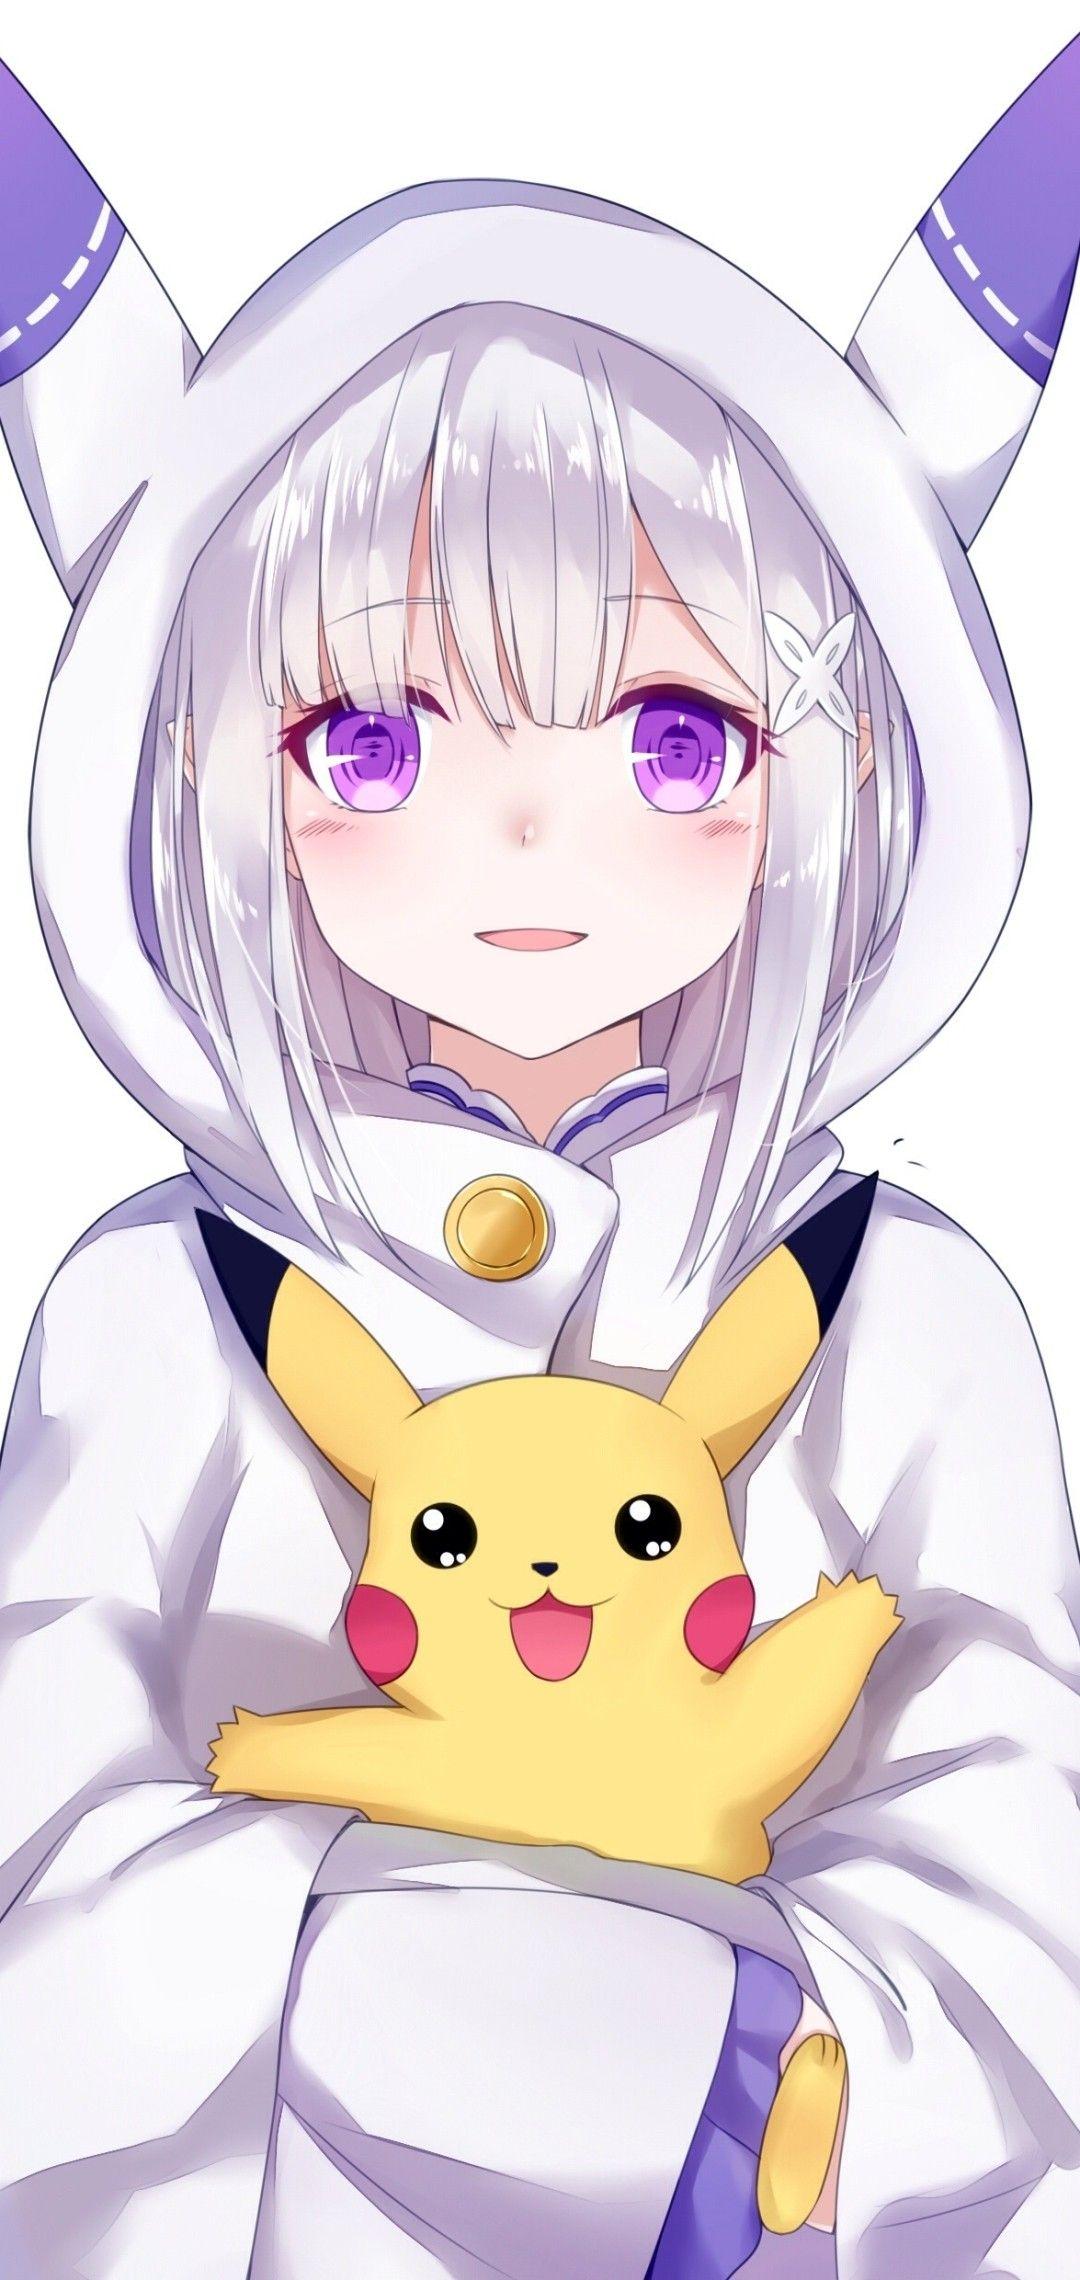 pikachu Menina anime, Personagens de anime, Arte anime